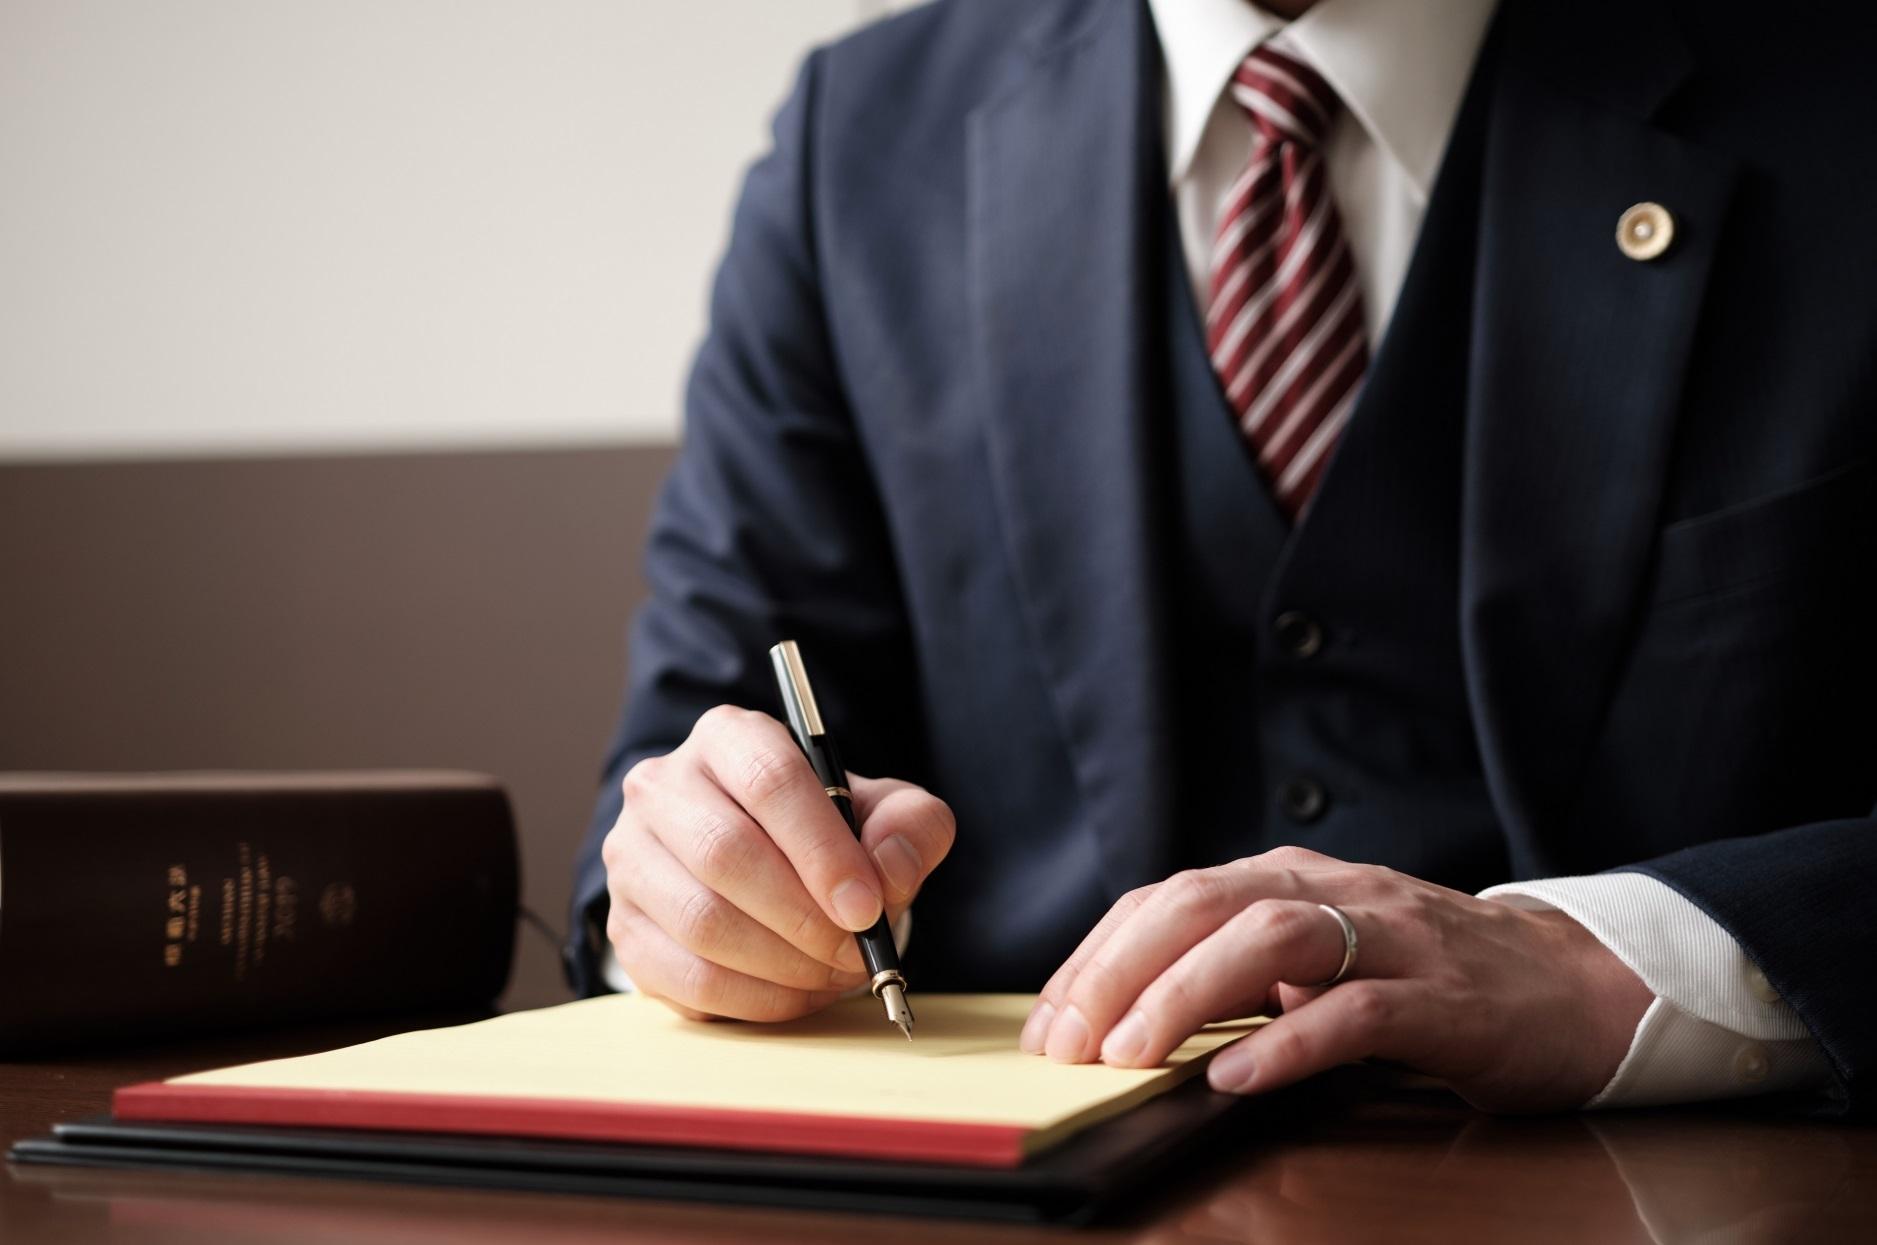 民間の退職代行業者と弁護士・法律事務所に依頼する違いを比較